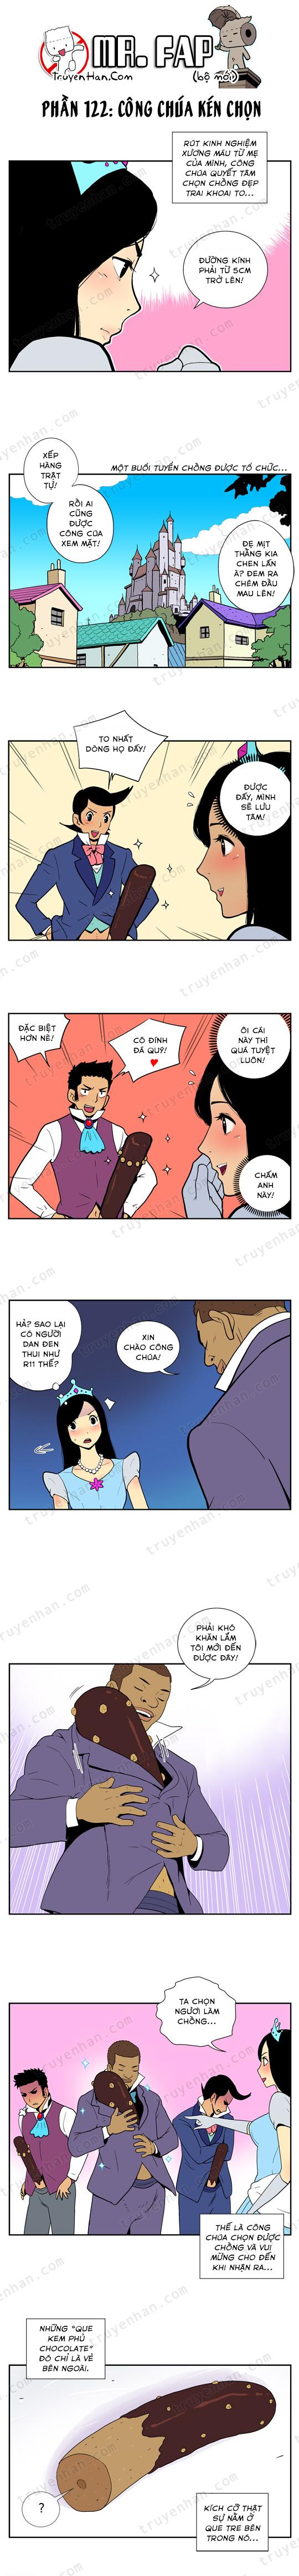 Mr. FAP (bộ mới) phần 122: Công chúa kén chọn